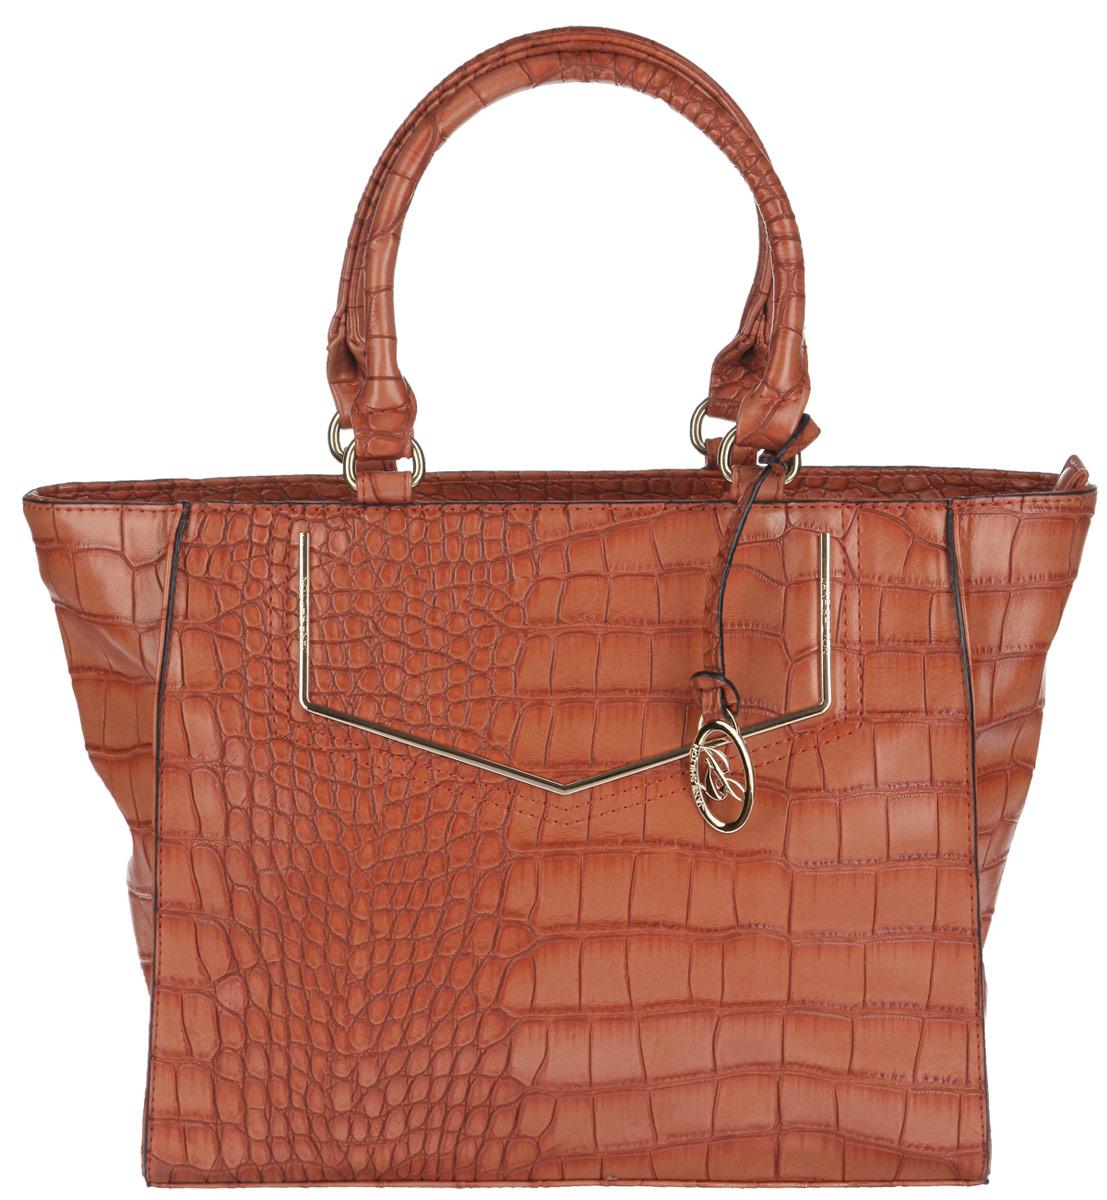 Сумка женская Jane Shilton, цвет: темно-оранжевый. 194071069с-2Стильная женская сумка Jane Shilton выполнена из искусственной кожи с тиснением под рептилию. Изделие имеет одно основное отделение, разделенное пополам карманом-средником на застежке-молнии. Внутри имеется прорезной кармашек на застежке-молнии и открытый пришивной карман. Снаружи на задней стенке располагается прорезной карман на застежке-молнии. Изделие закрывается на застежку-молнию. Модель оснащена двумя удобными ручками. Сумка украшена брелоком с логотипом бренда. Роскошная сумка внесет элегантные нотки в ваш образ и подчеркнет ваше отменное чувство стиля.